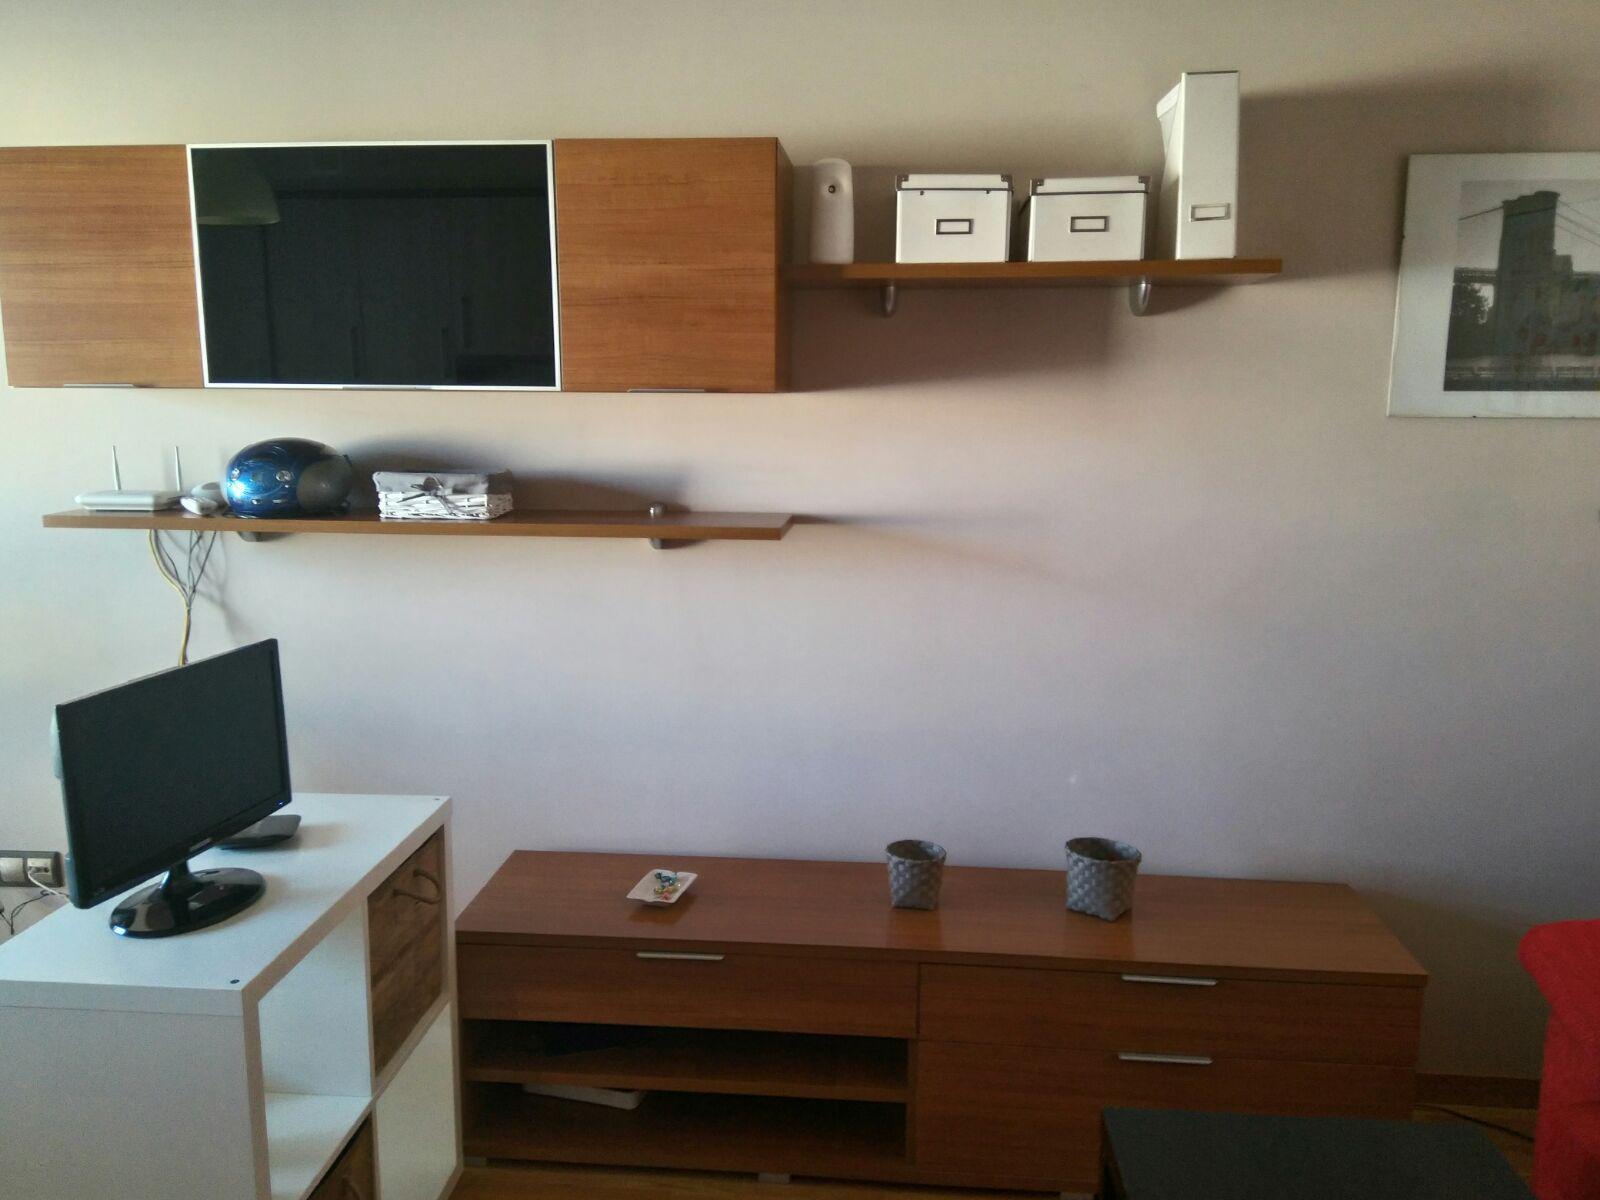 Poner piso en alquiler great trendy simple alquiler de piso en siles with poner en alquiler un - Como poner un piso en alquiler ...